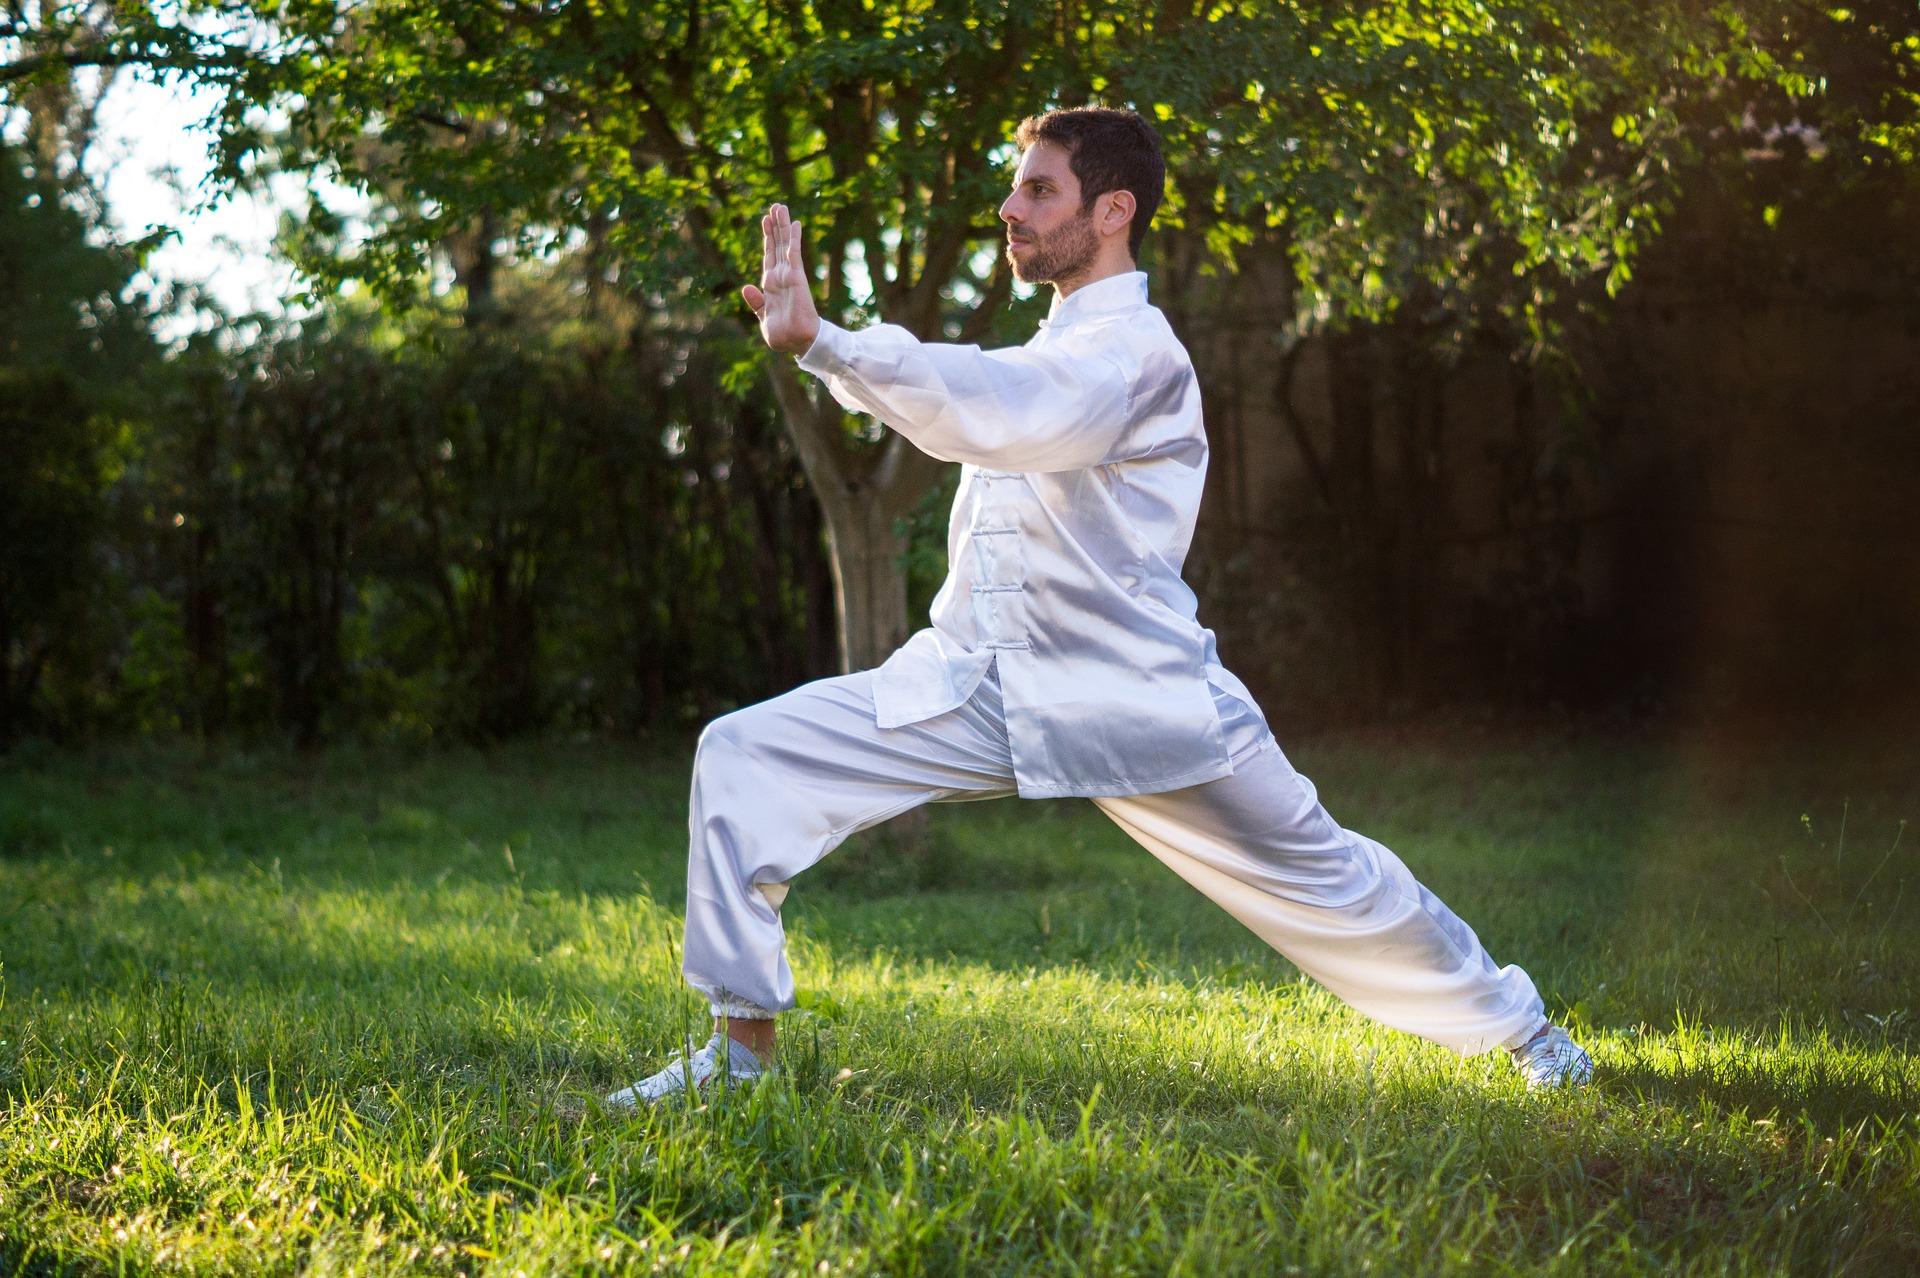 Αθλητισμός Οφέλη Υγεία: Το Tai chi μπορεί να βελτιώσει την υγεία των οστών σας [vid]